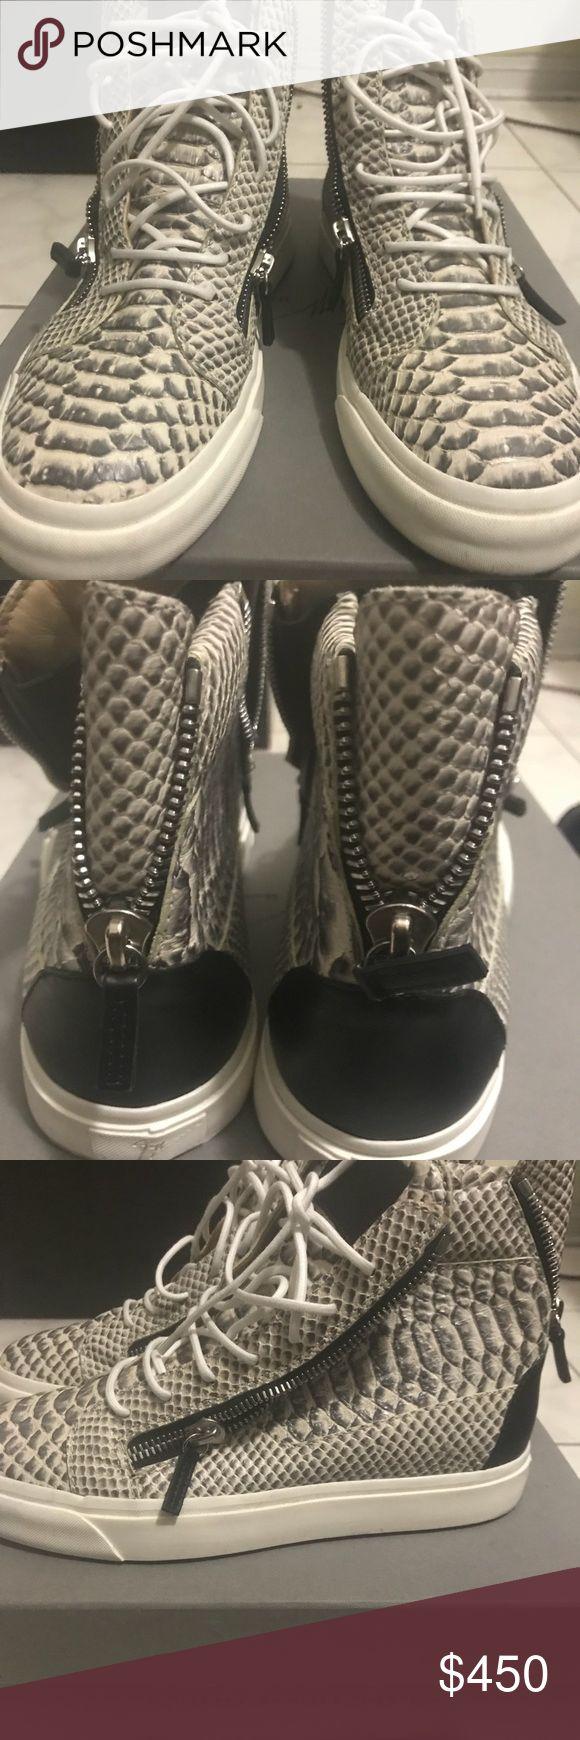 Men's Giuseppe Python High Tops Size 41 eu / 9us Pre Owned Men's Giuseppe High Tops! Python! Excellent Condition Giuseppe Zanotti Shoes